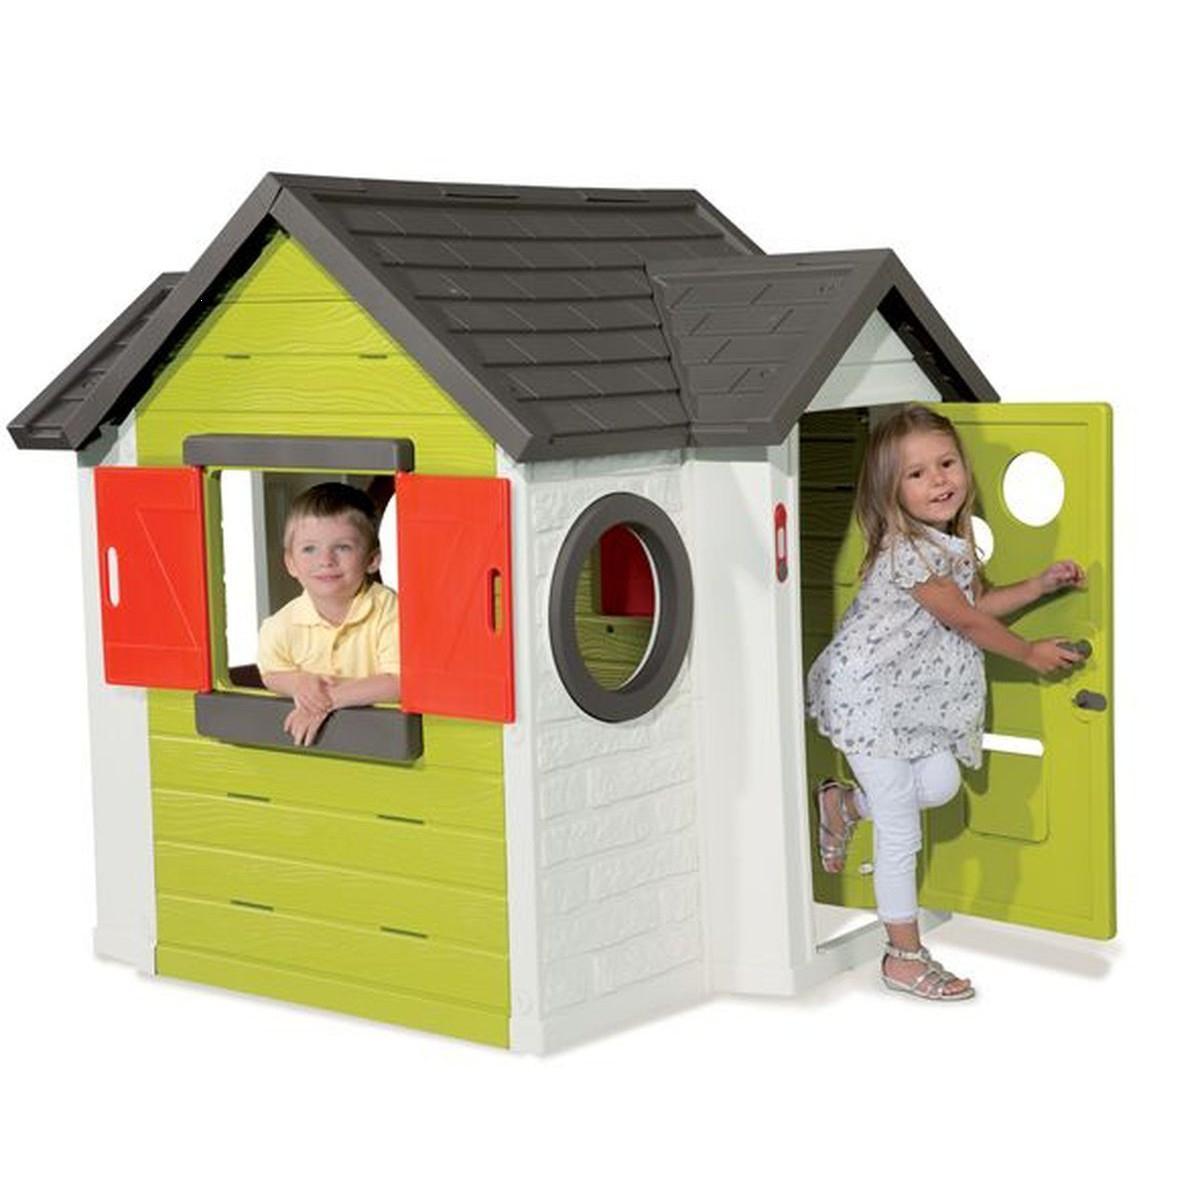 Cabane Enfant ⇒ Comparatif, Avis Et Meilleurs Modèles 2020 encequiconcerne Maison De Jardin Pour Enfants